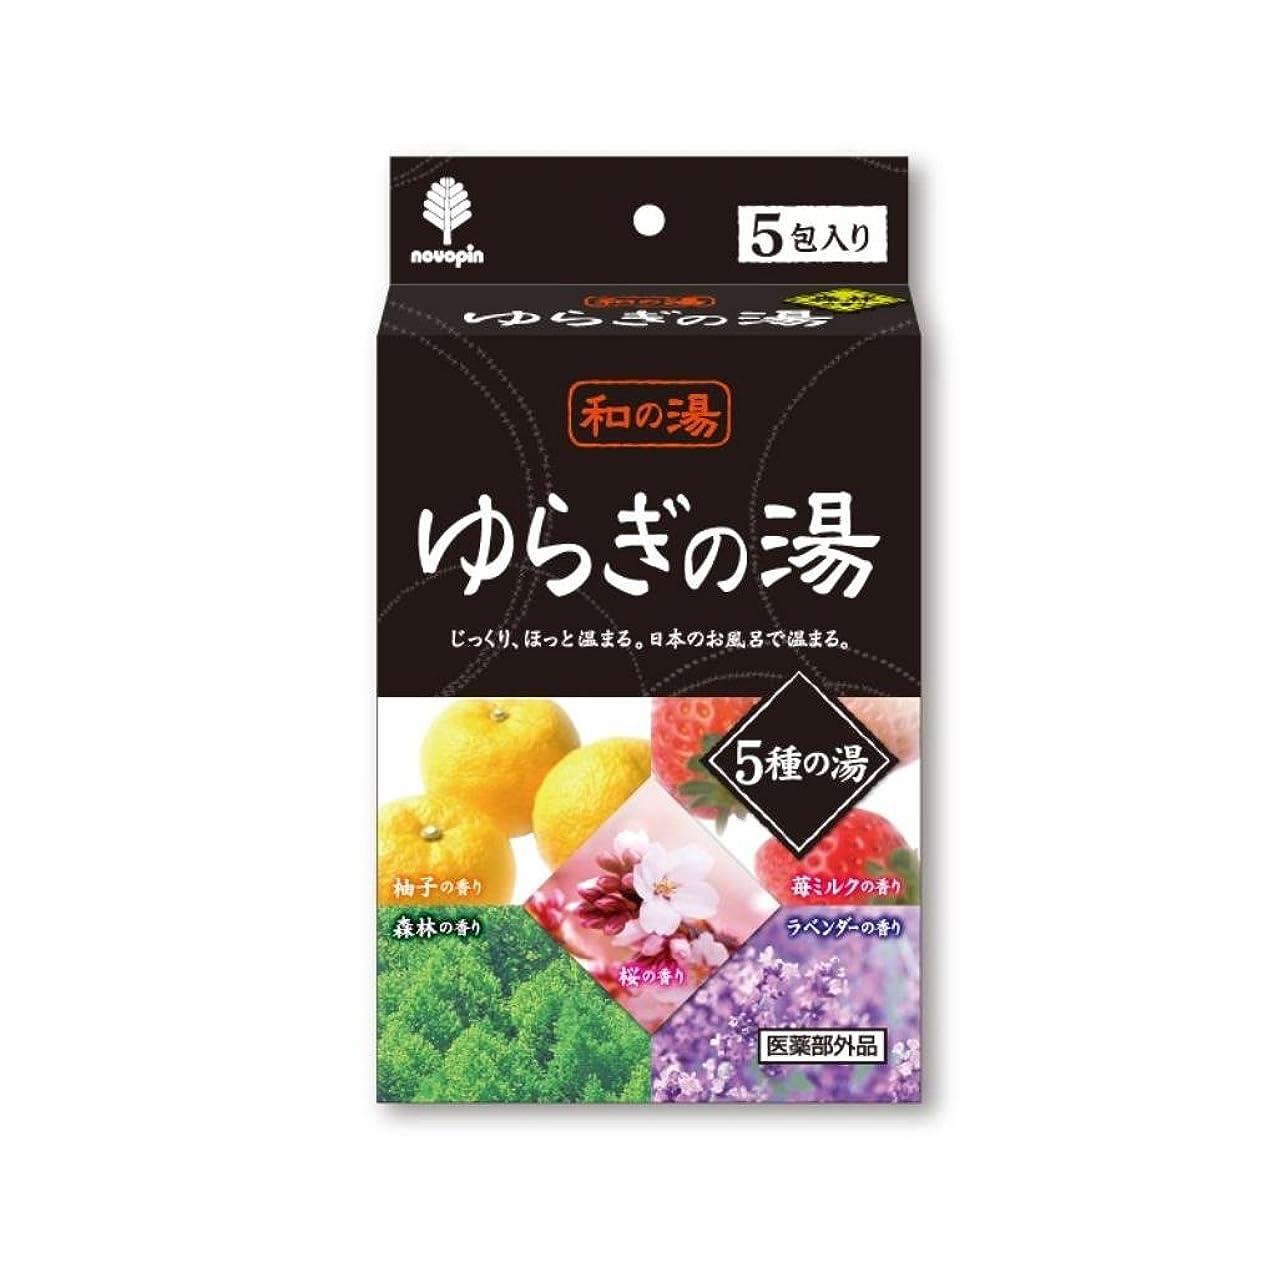 ようこそ水寄稿者紀陽除虫菊 日本製 Japan 和の湯 ゆらぎの湯 5種の湯 25g×5包入 【まとめ買い10個セット】